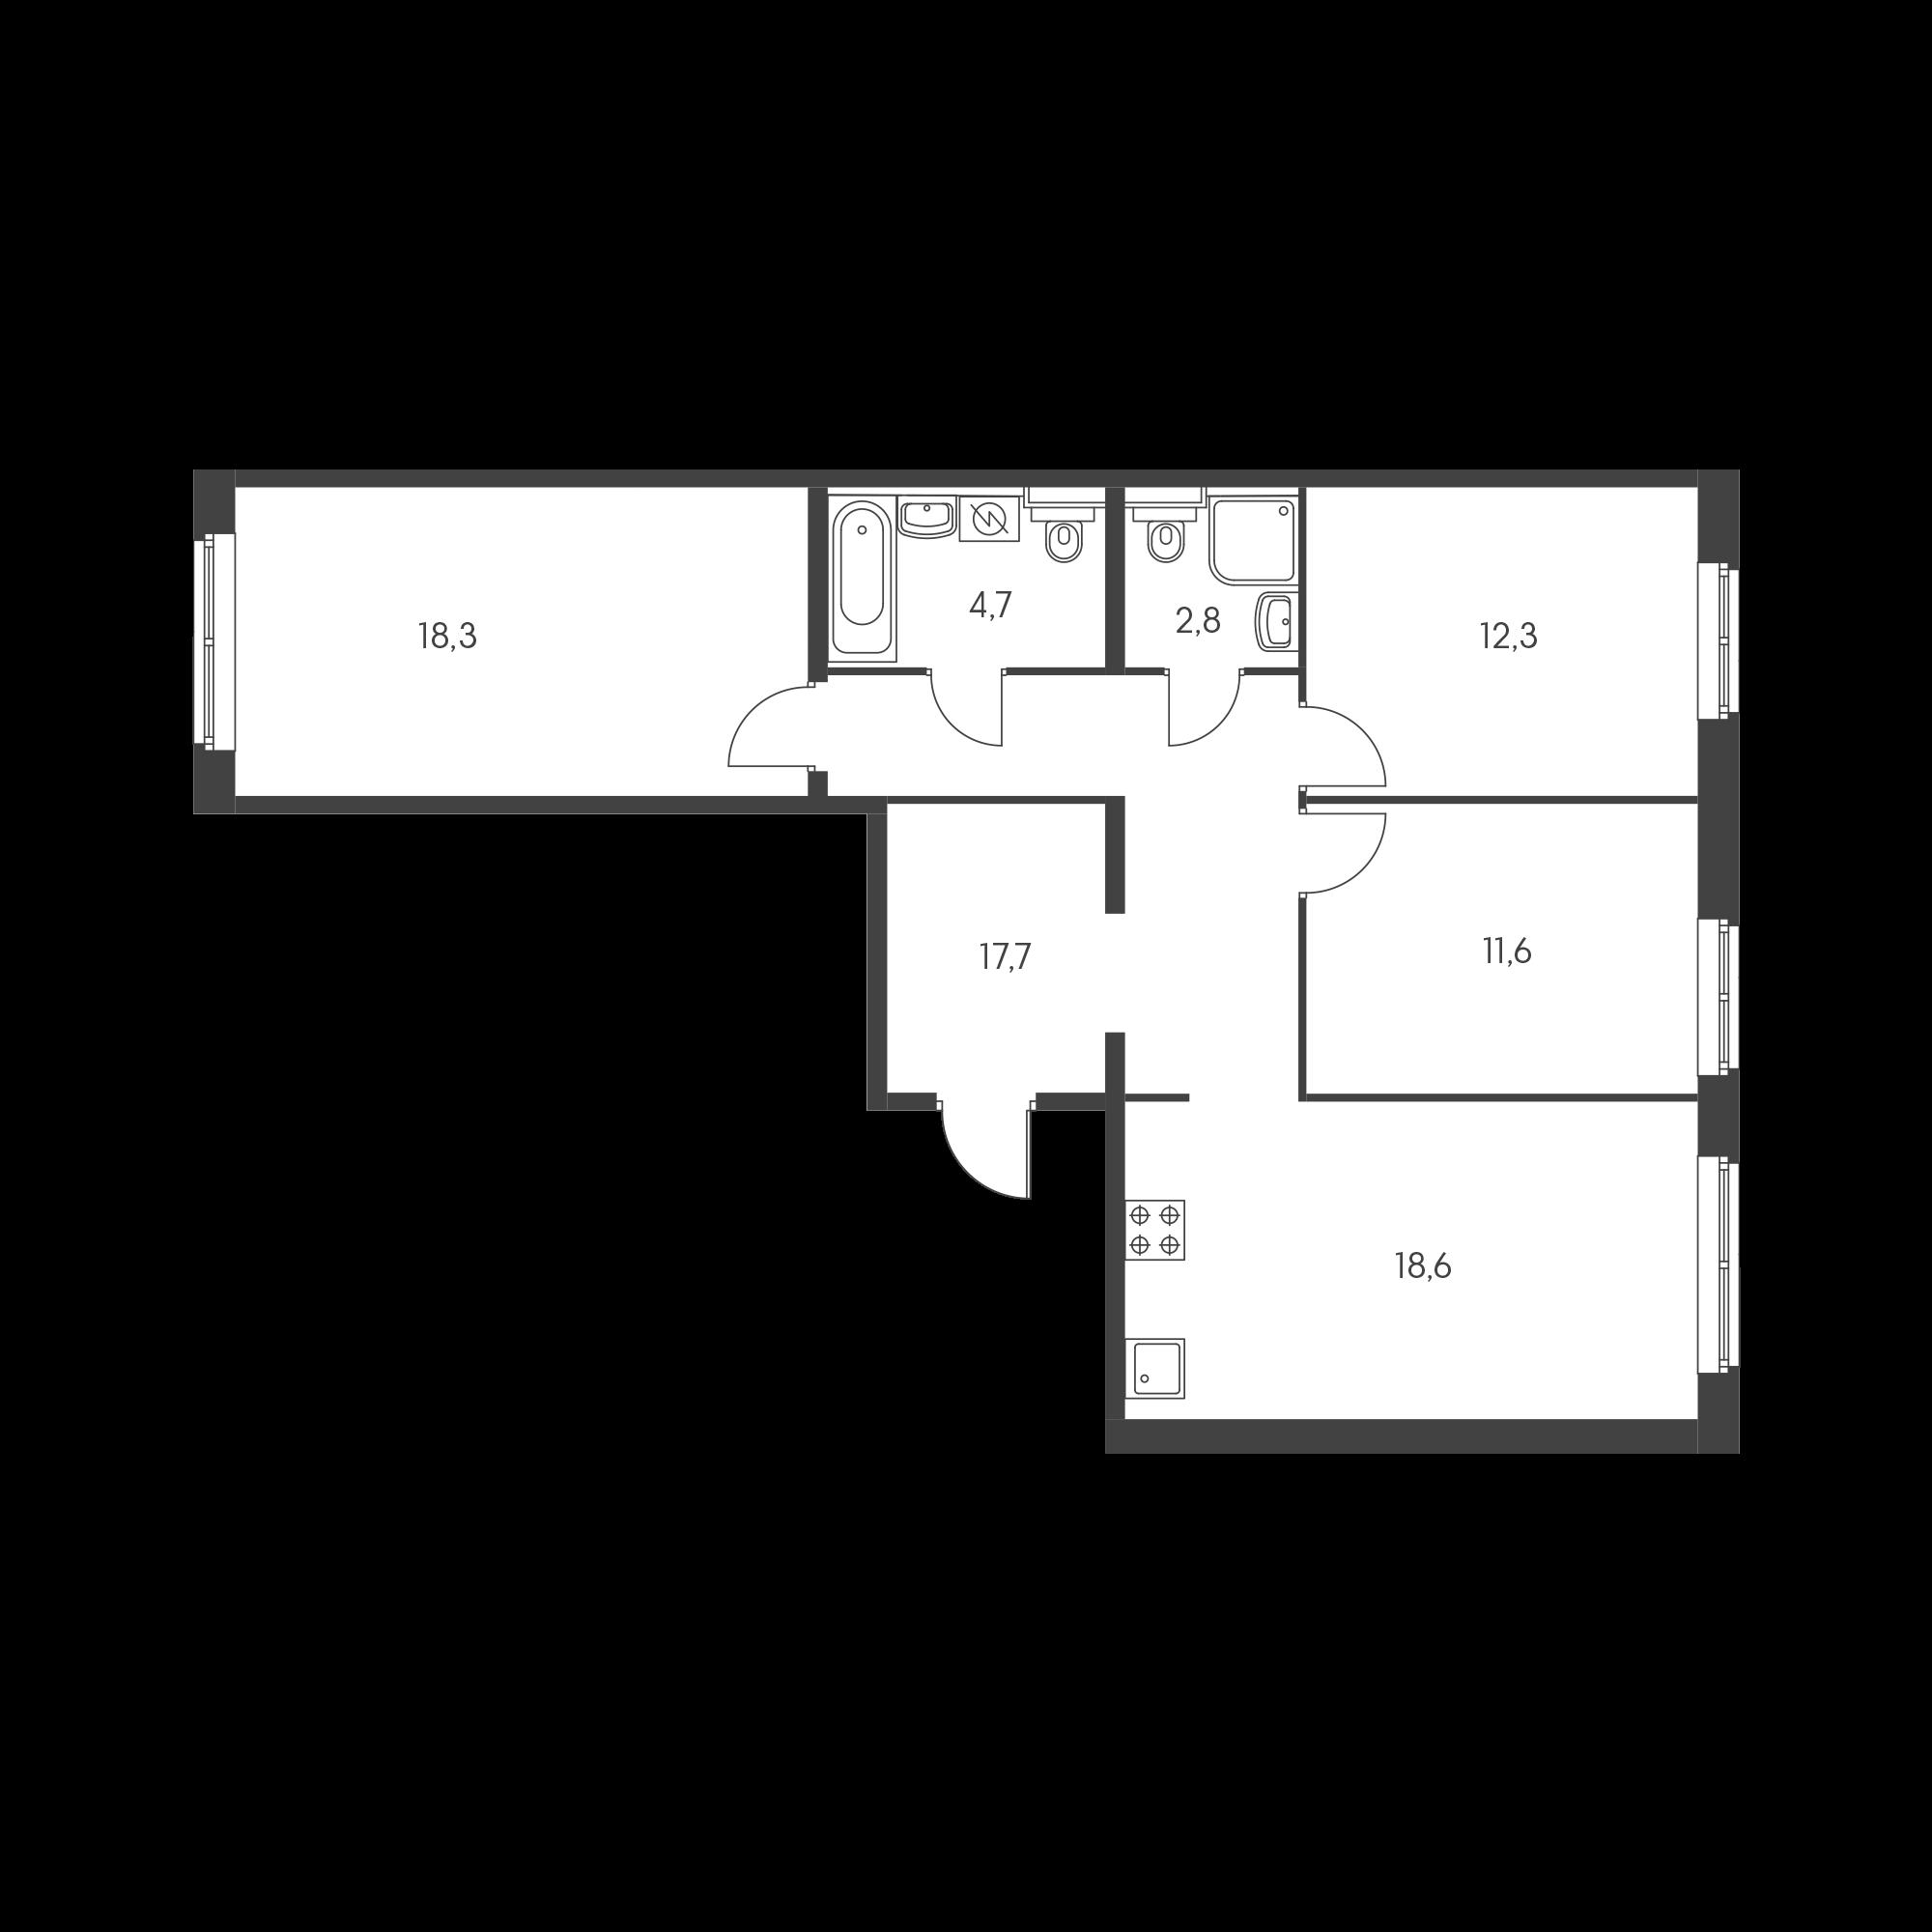 3EL3_9.6-1_T_A